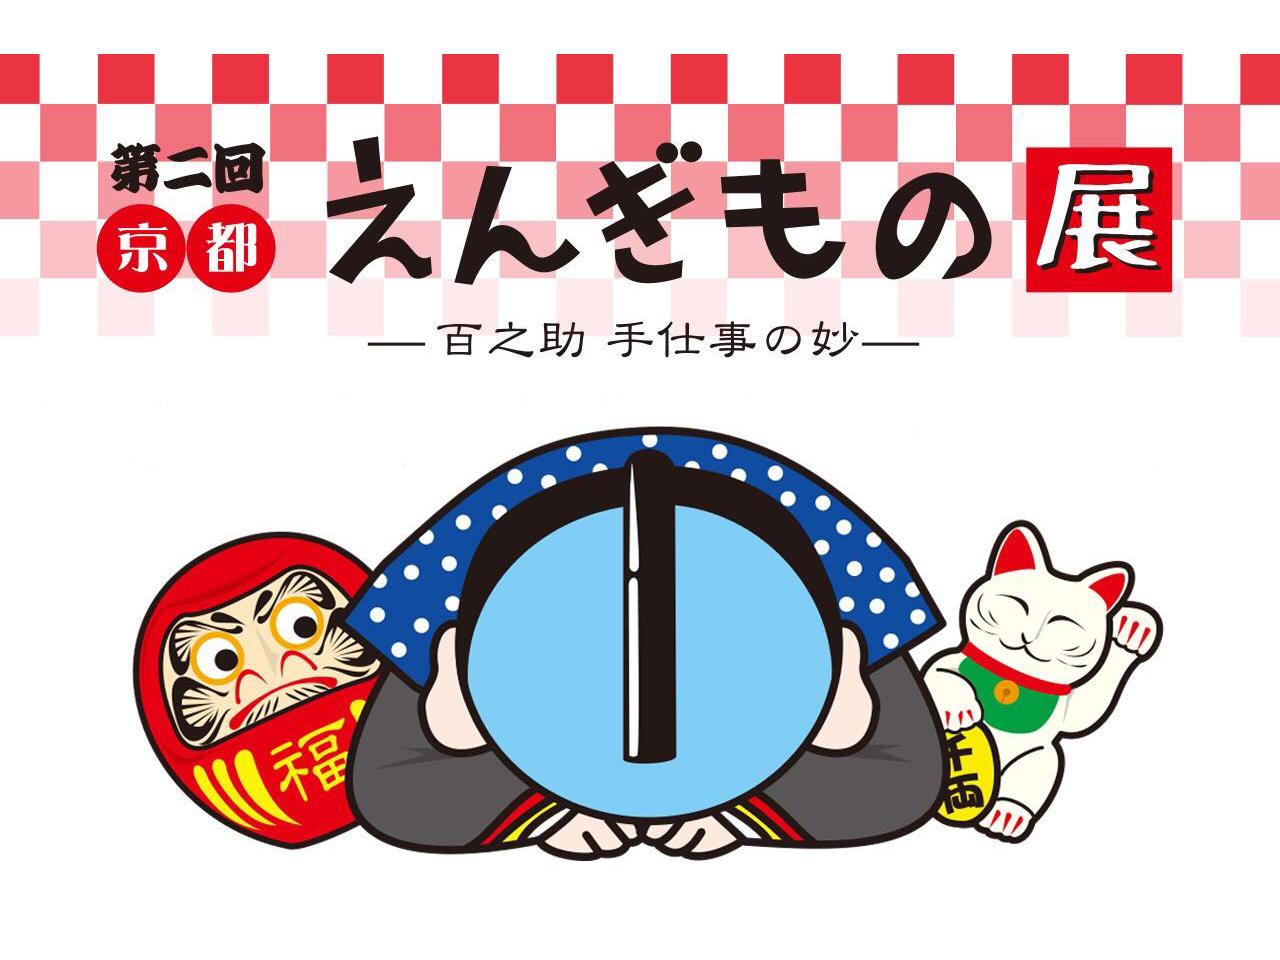 第二回京都えんぎもの展